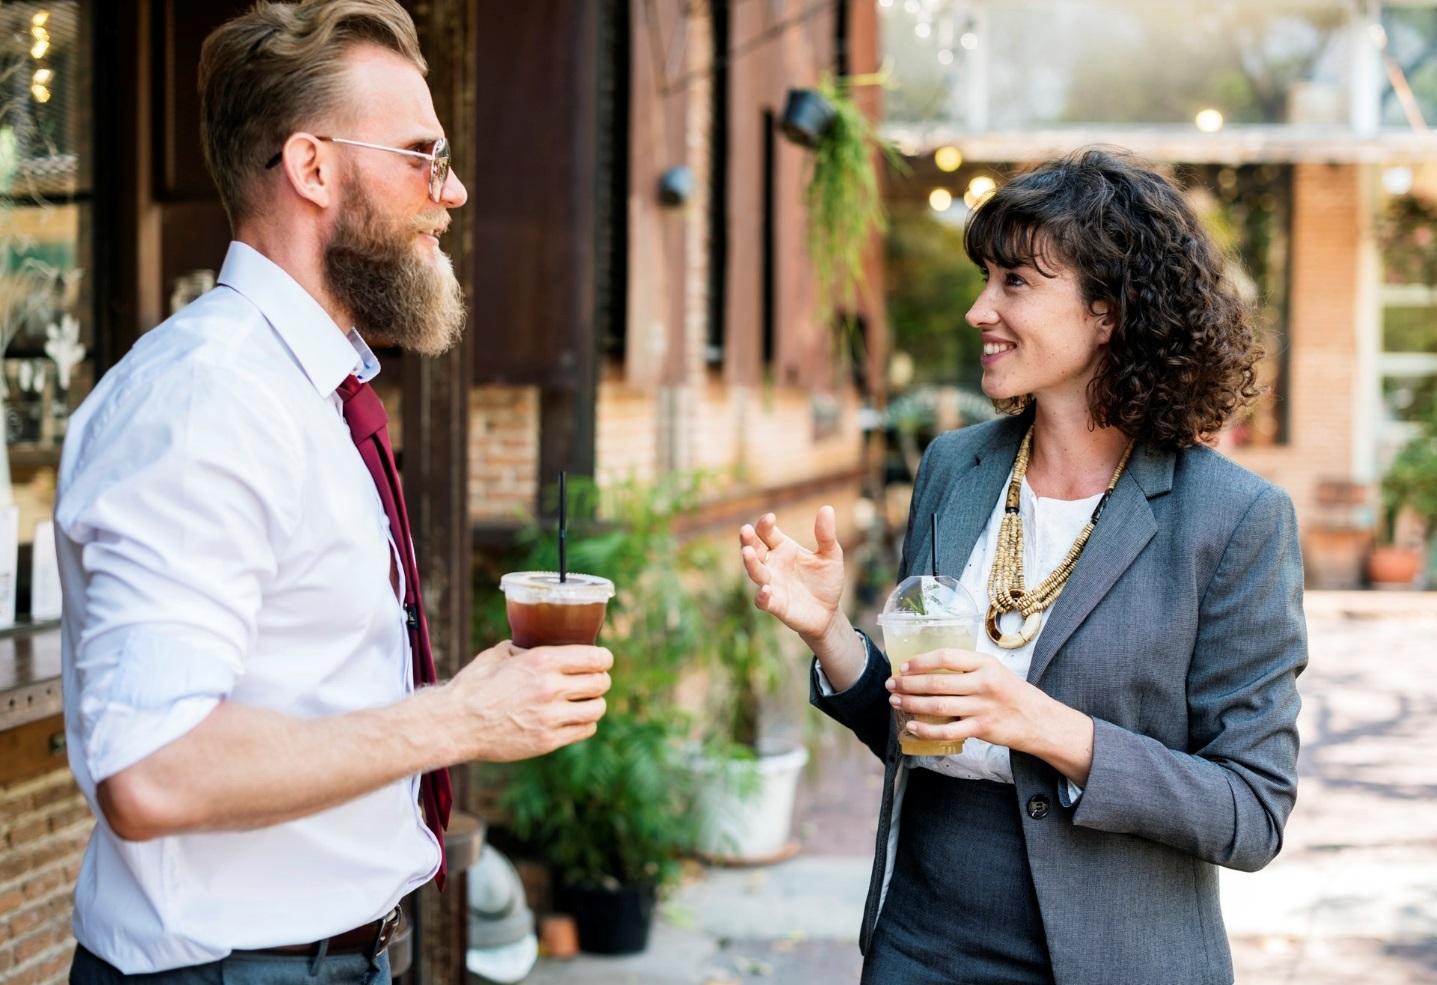 Zwei Unternehmer reden angeregt miteinander. [Copyright = rawpixel.com / pexels.com]